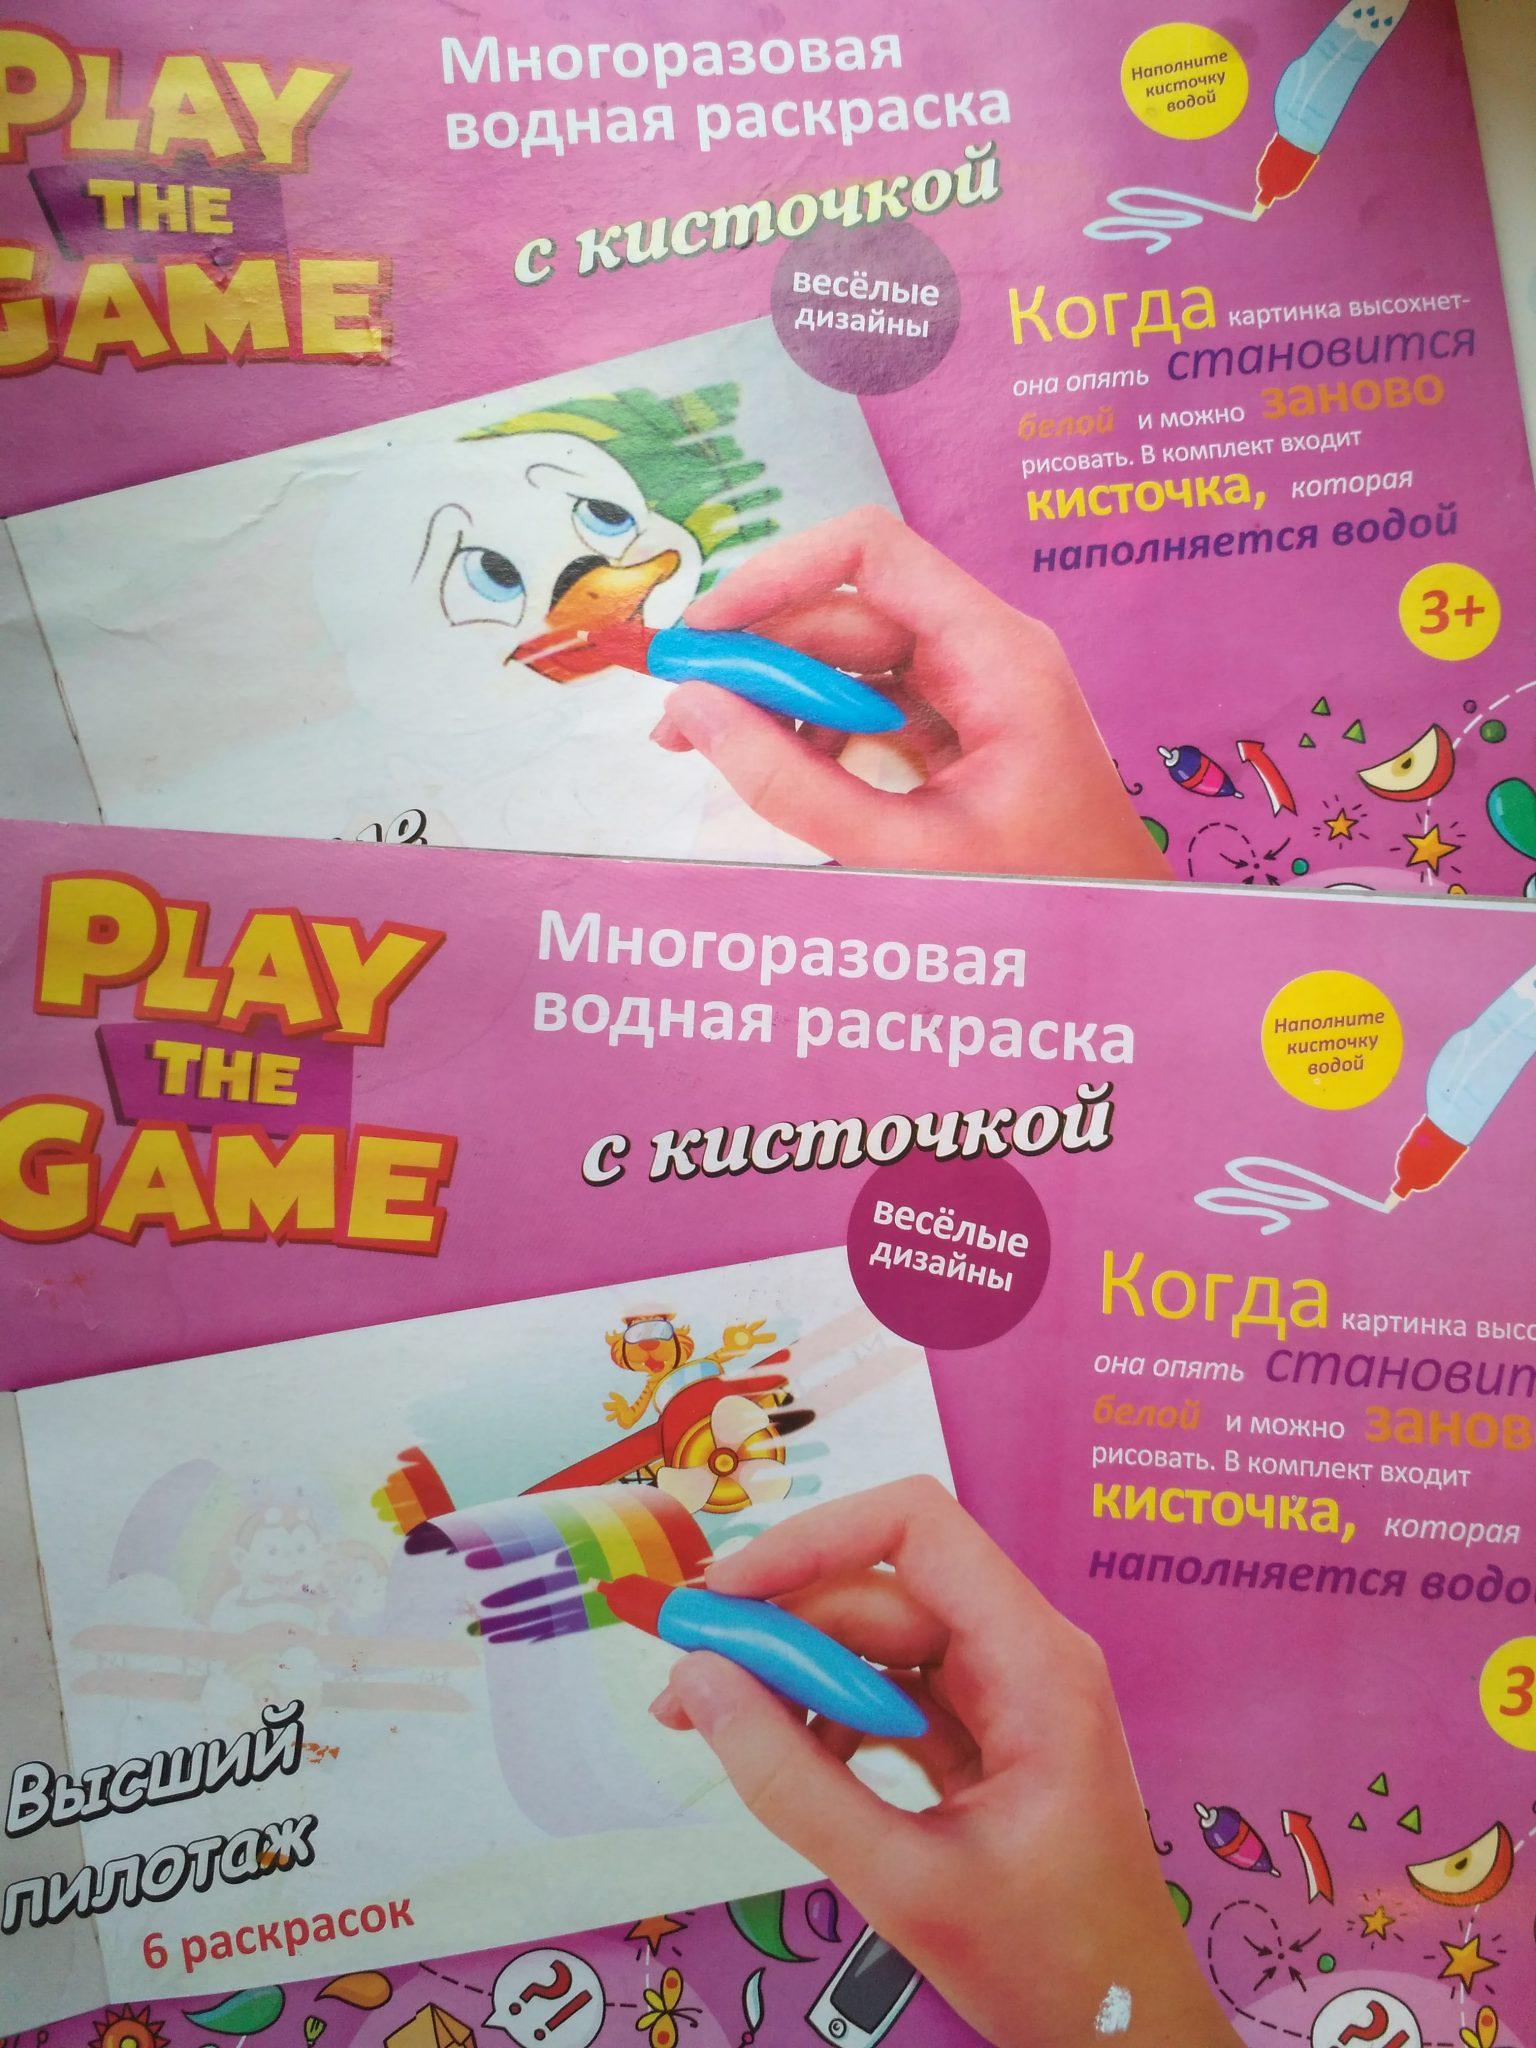 Водные раскраски Play the game